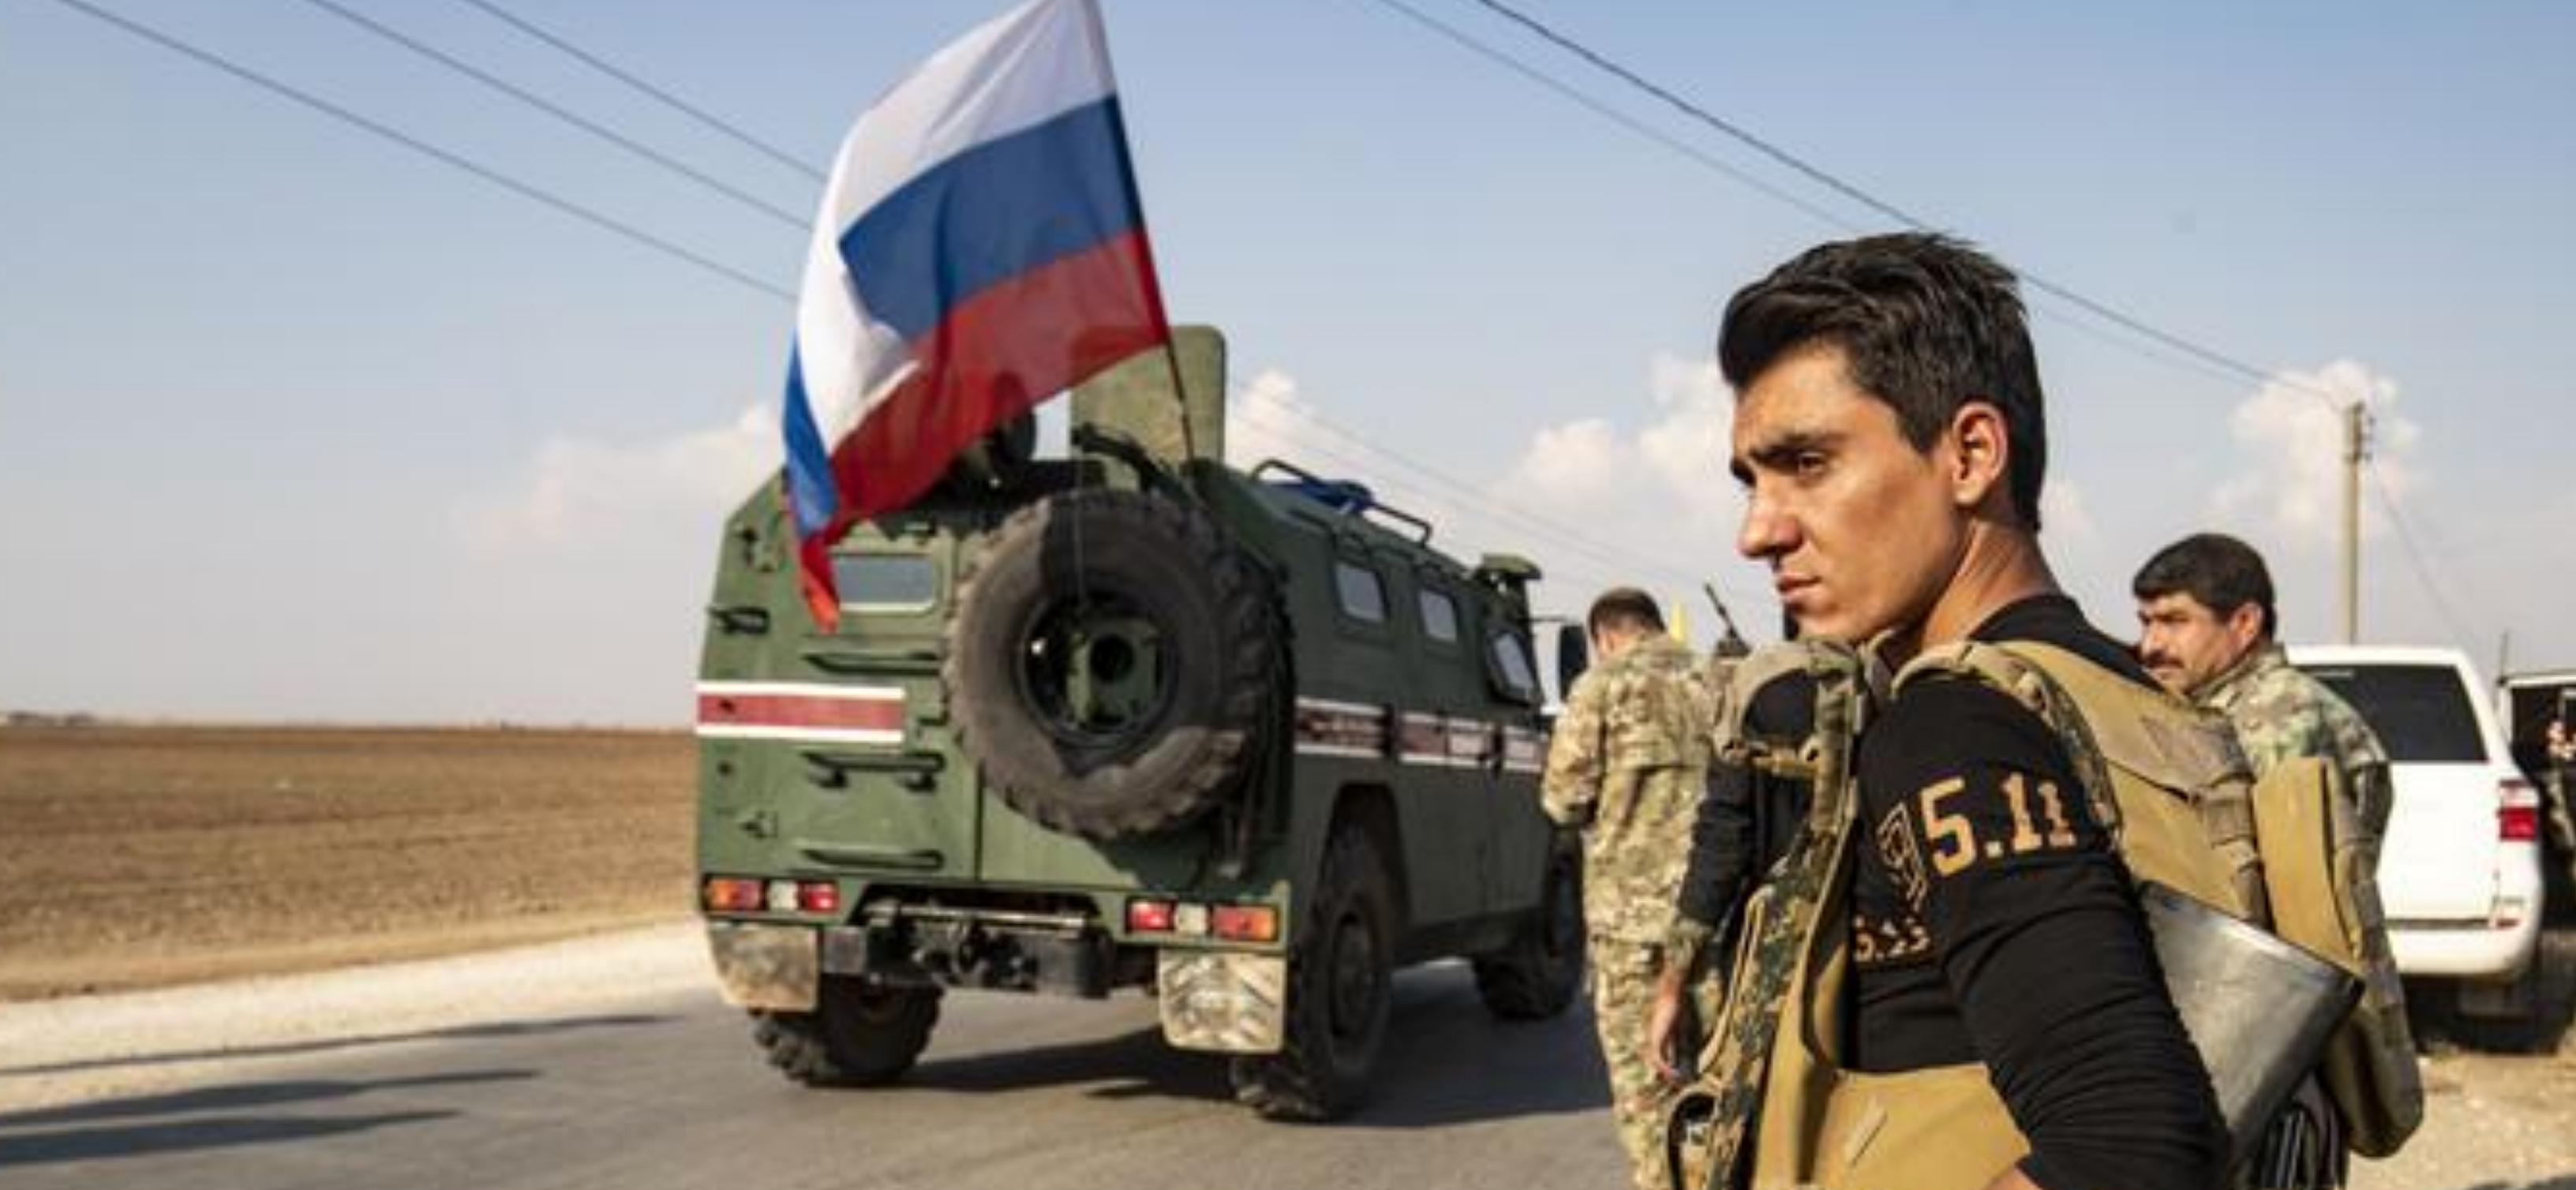 Suriye'de YPG'ye bağlı SDK başkanından Rusya'ya övgü